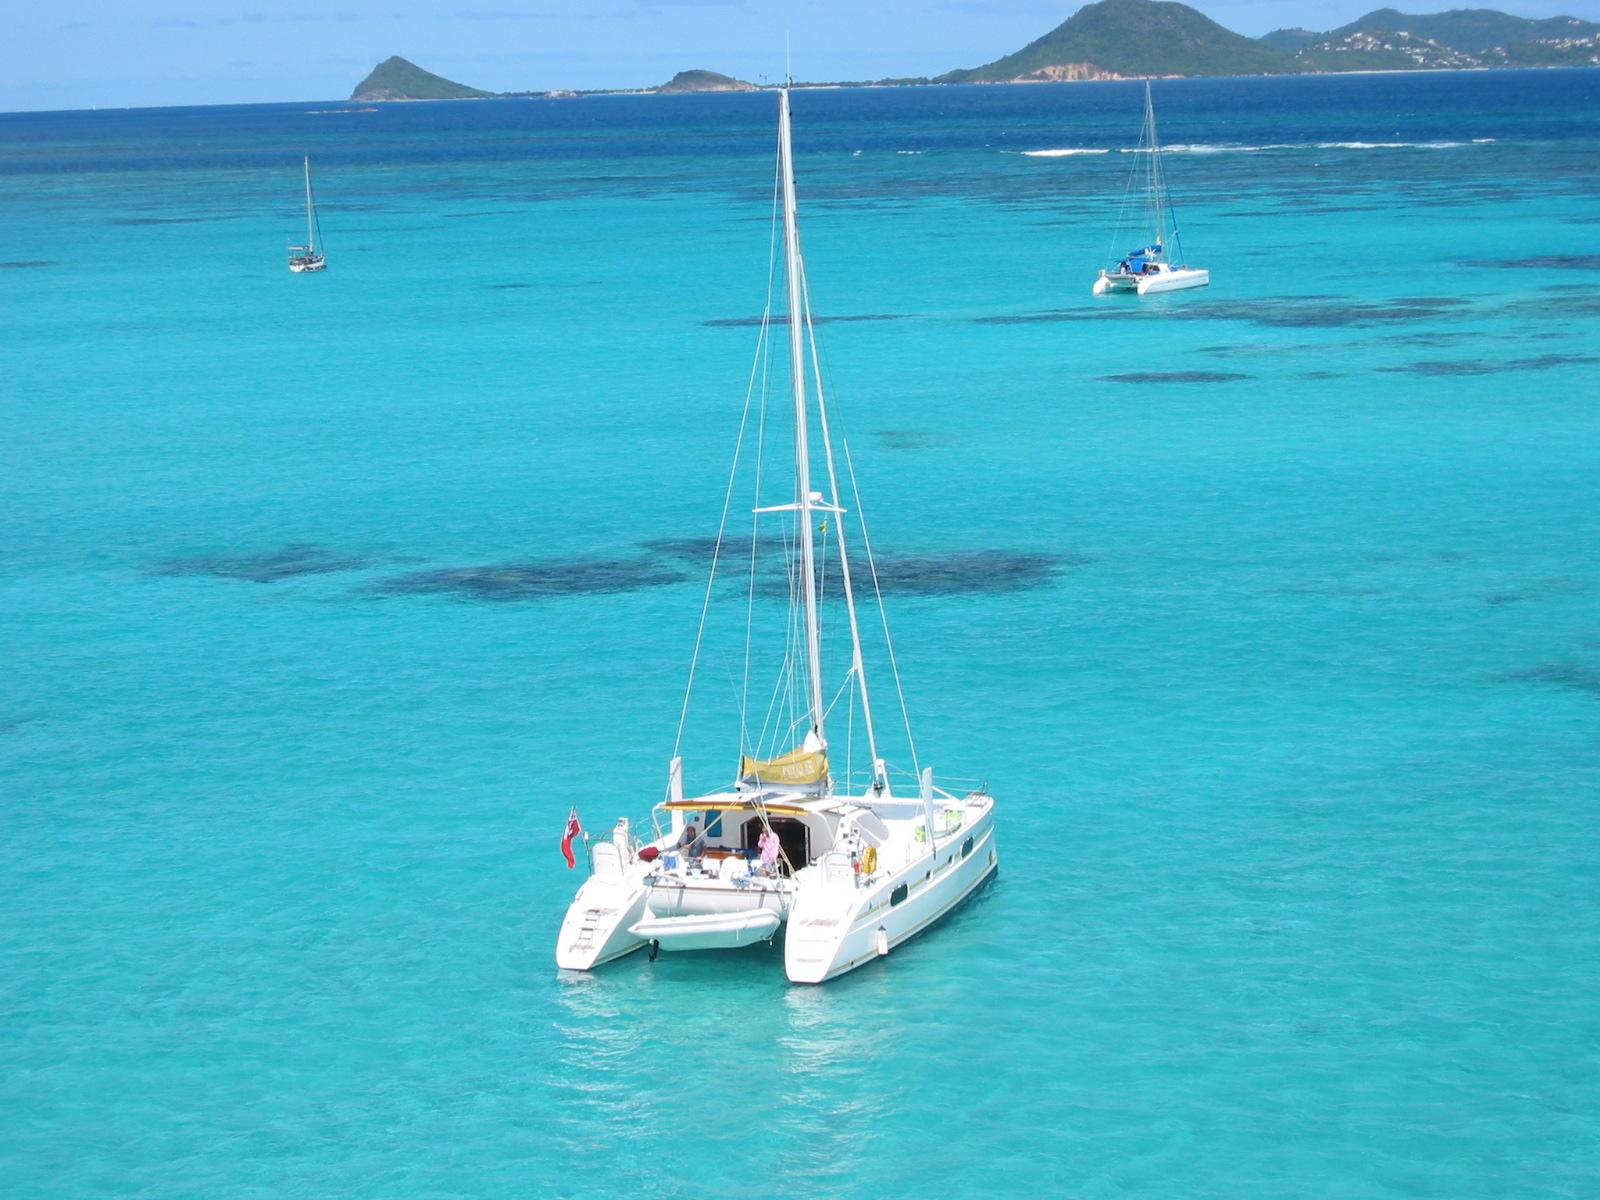 Excursion en bateau : la polémique raciale enfle